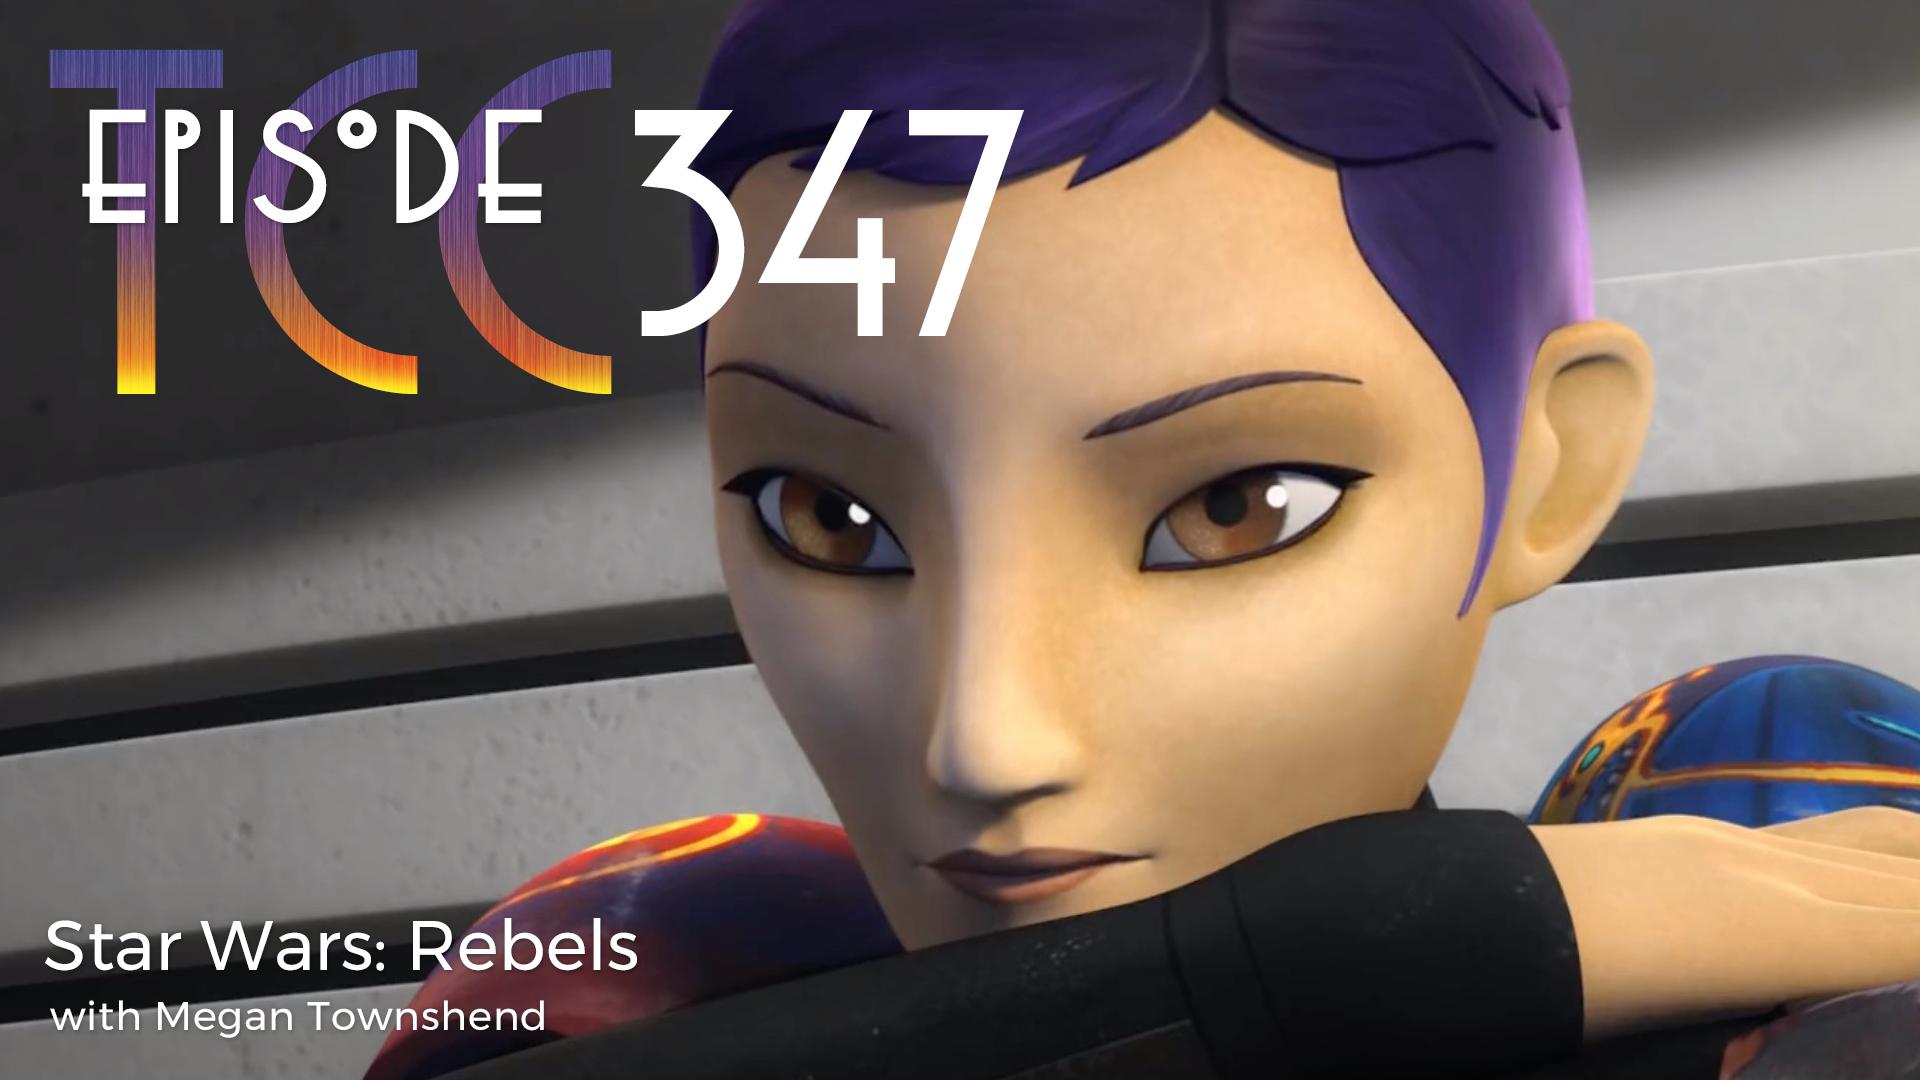 The Citadel Cafe 347: Star Wars: Rebels